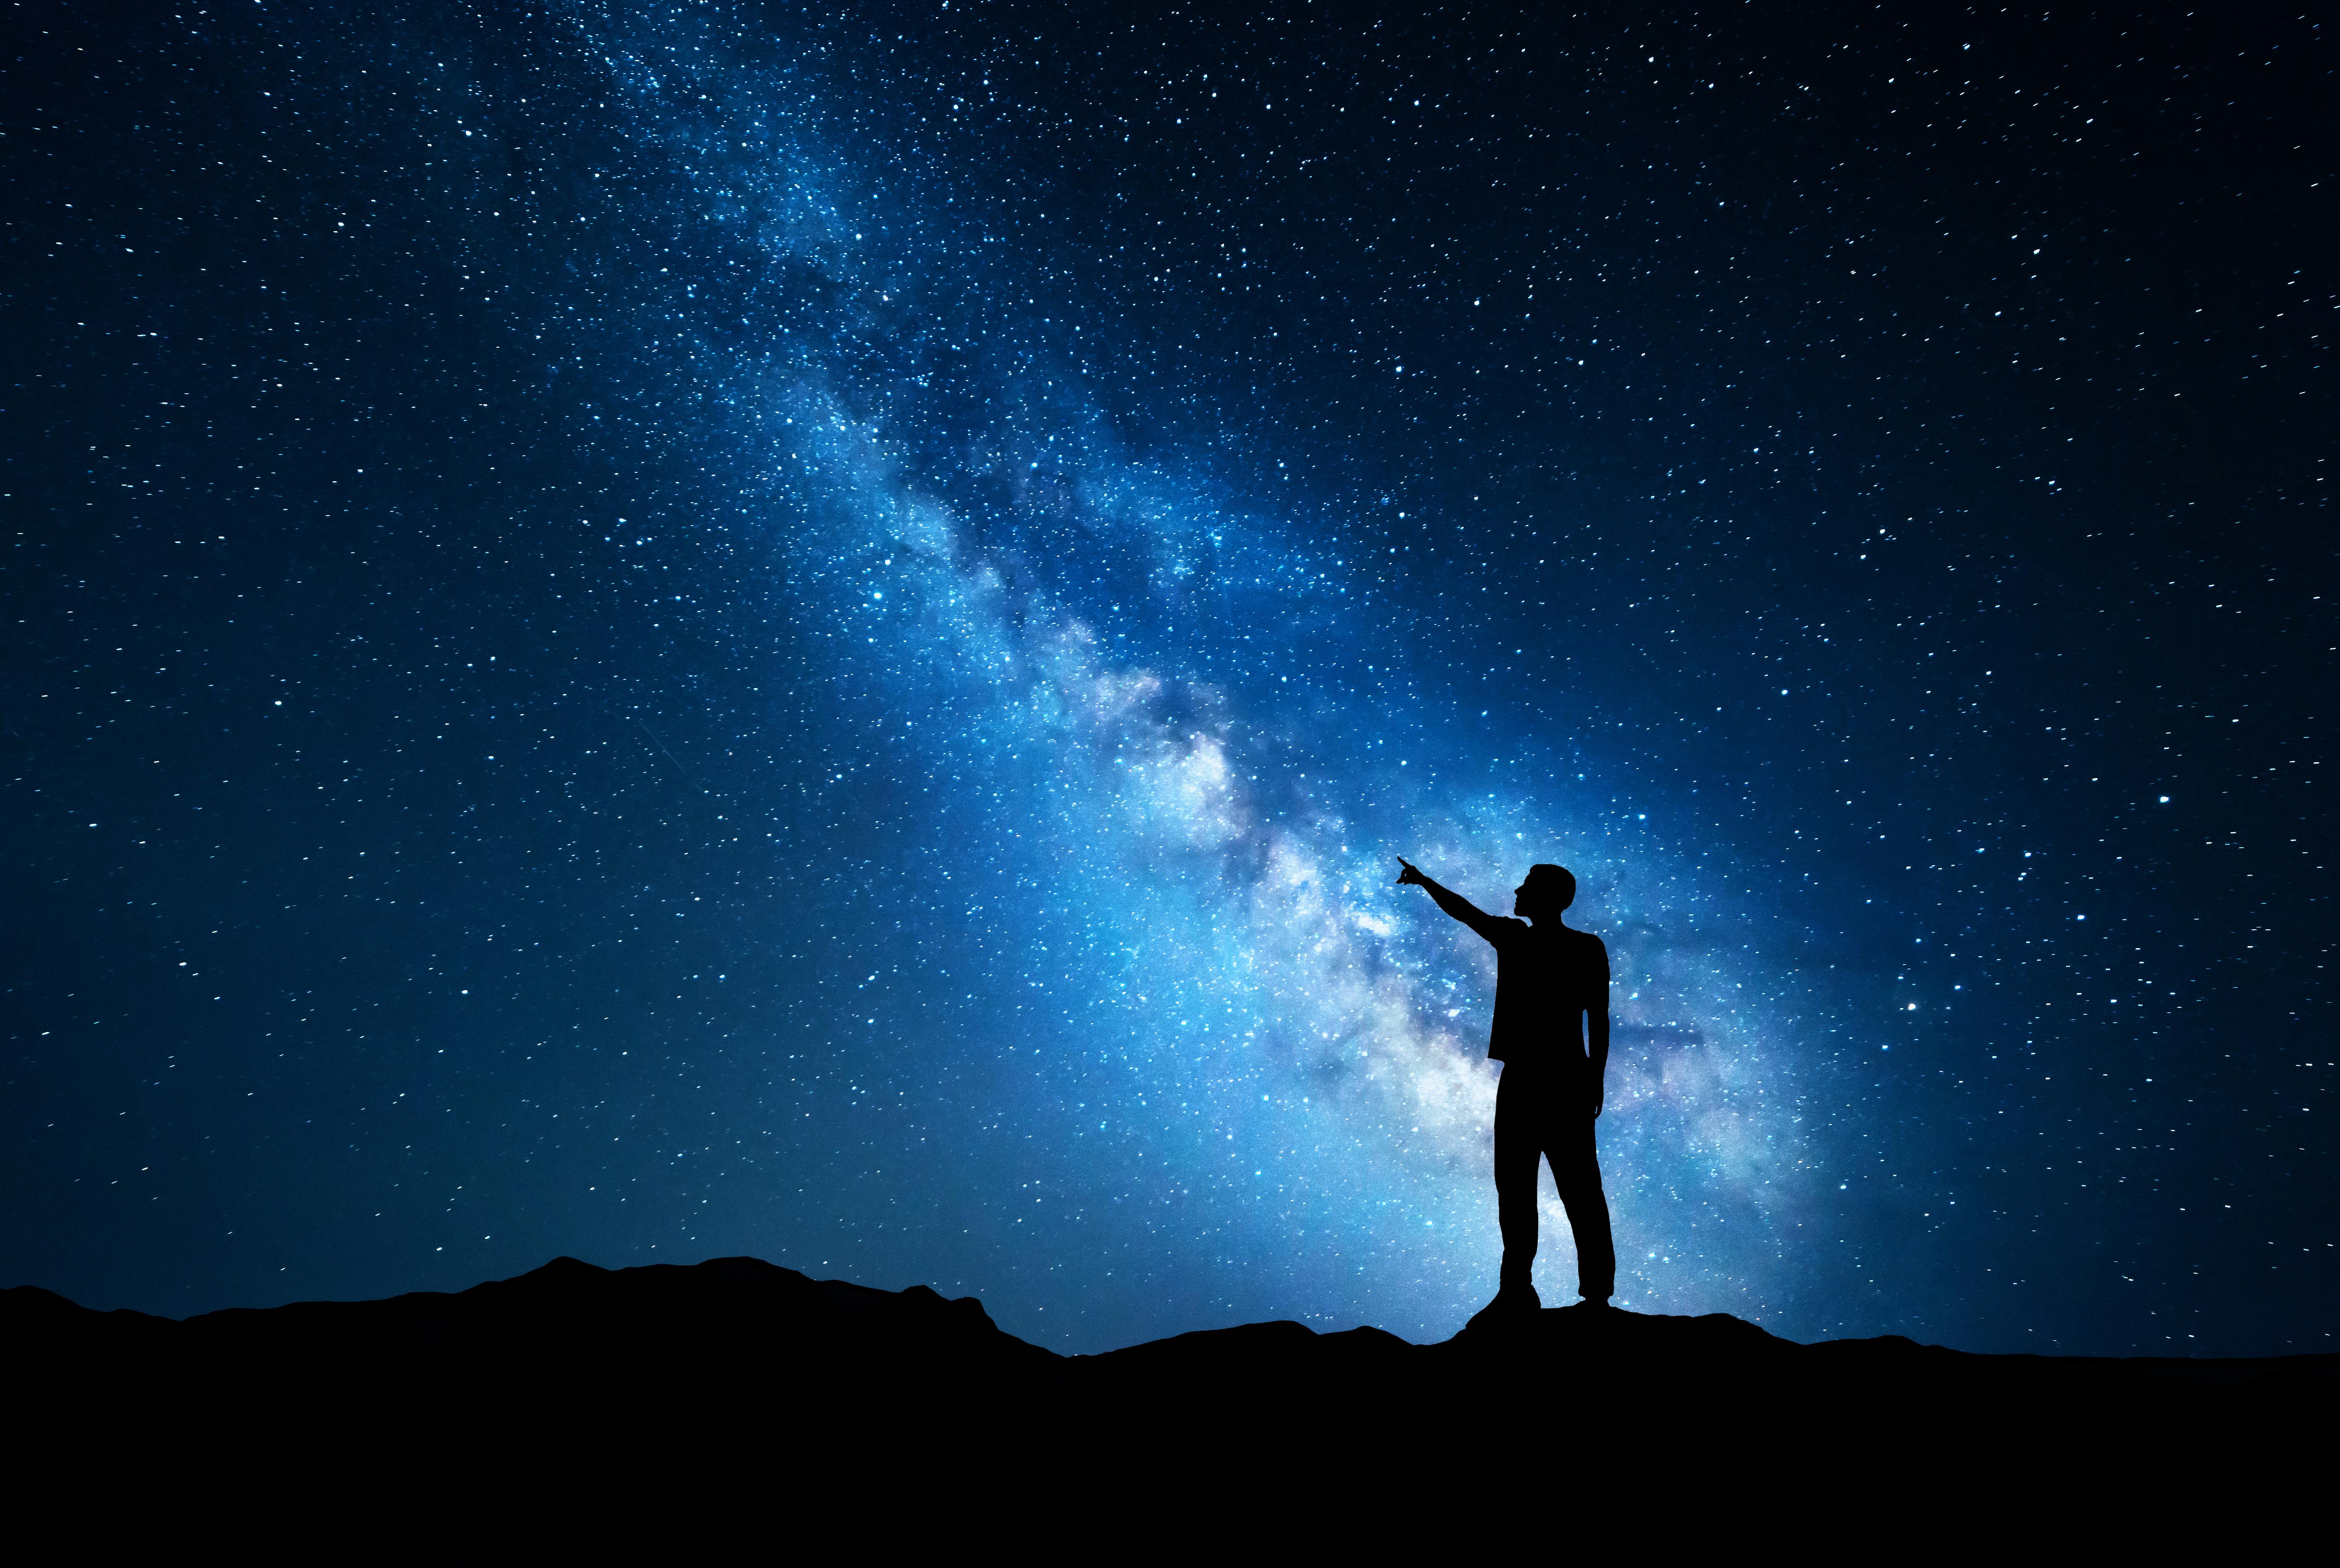 E space